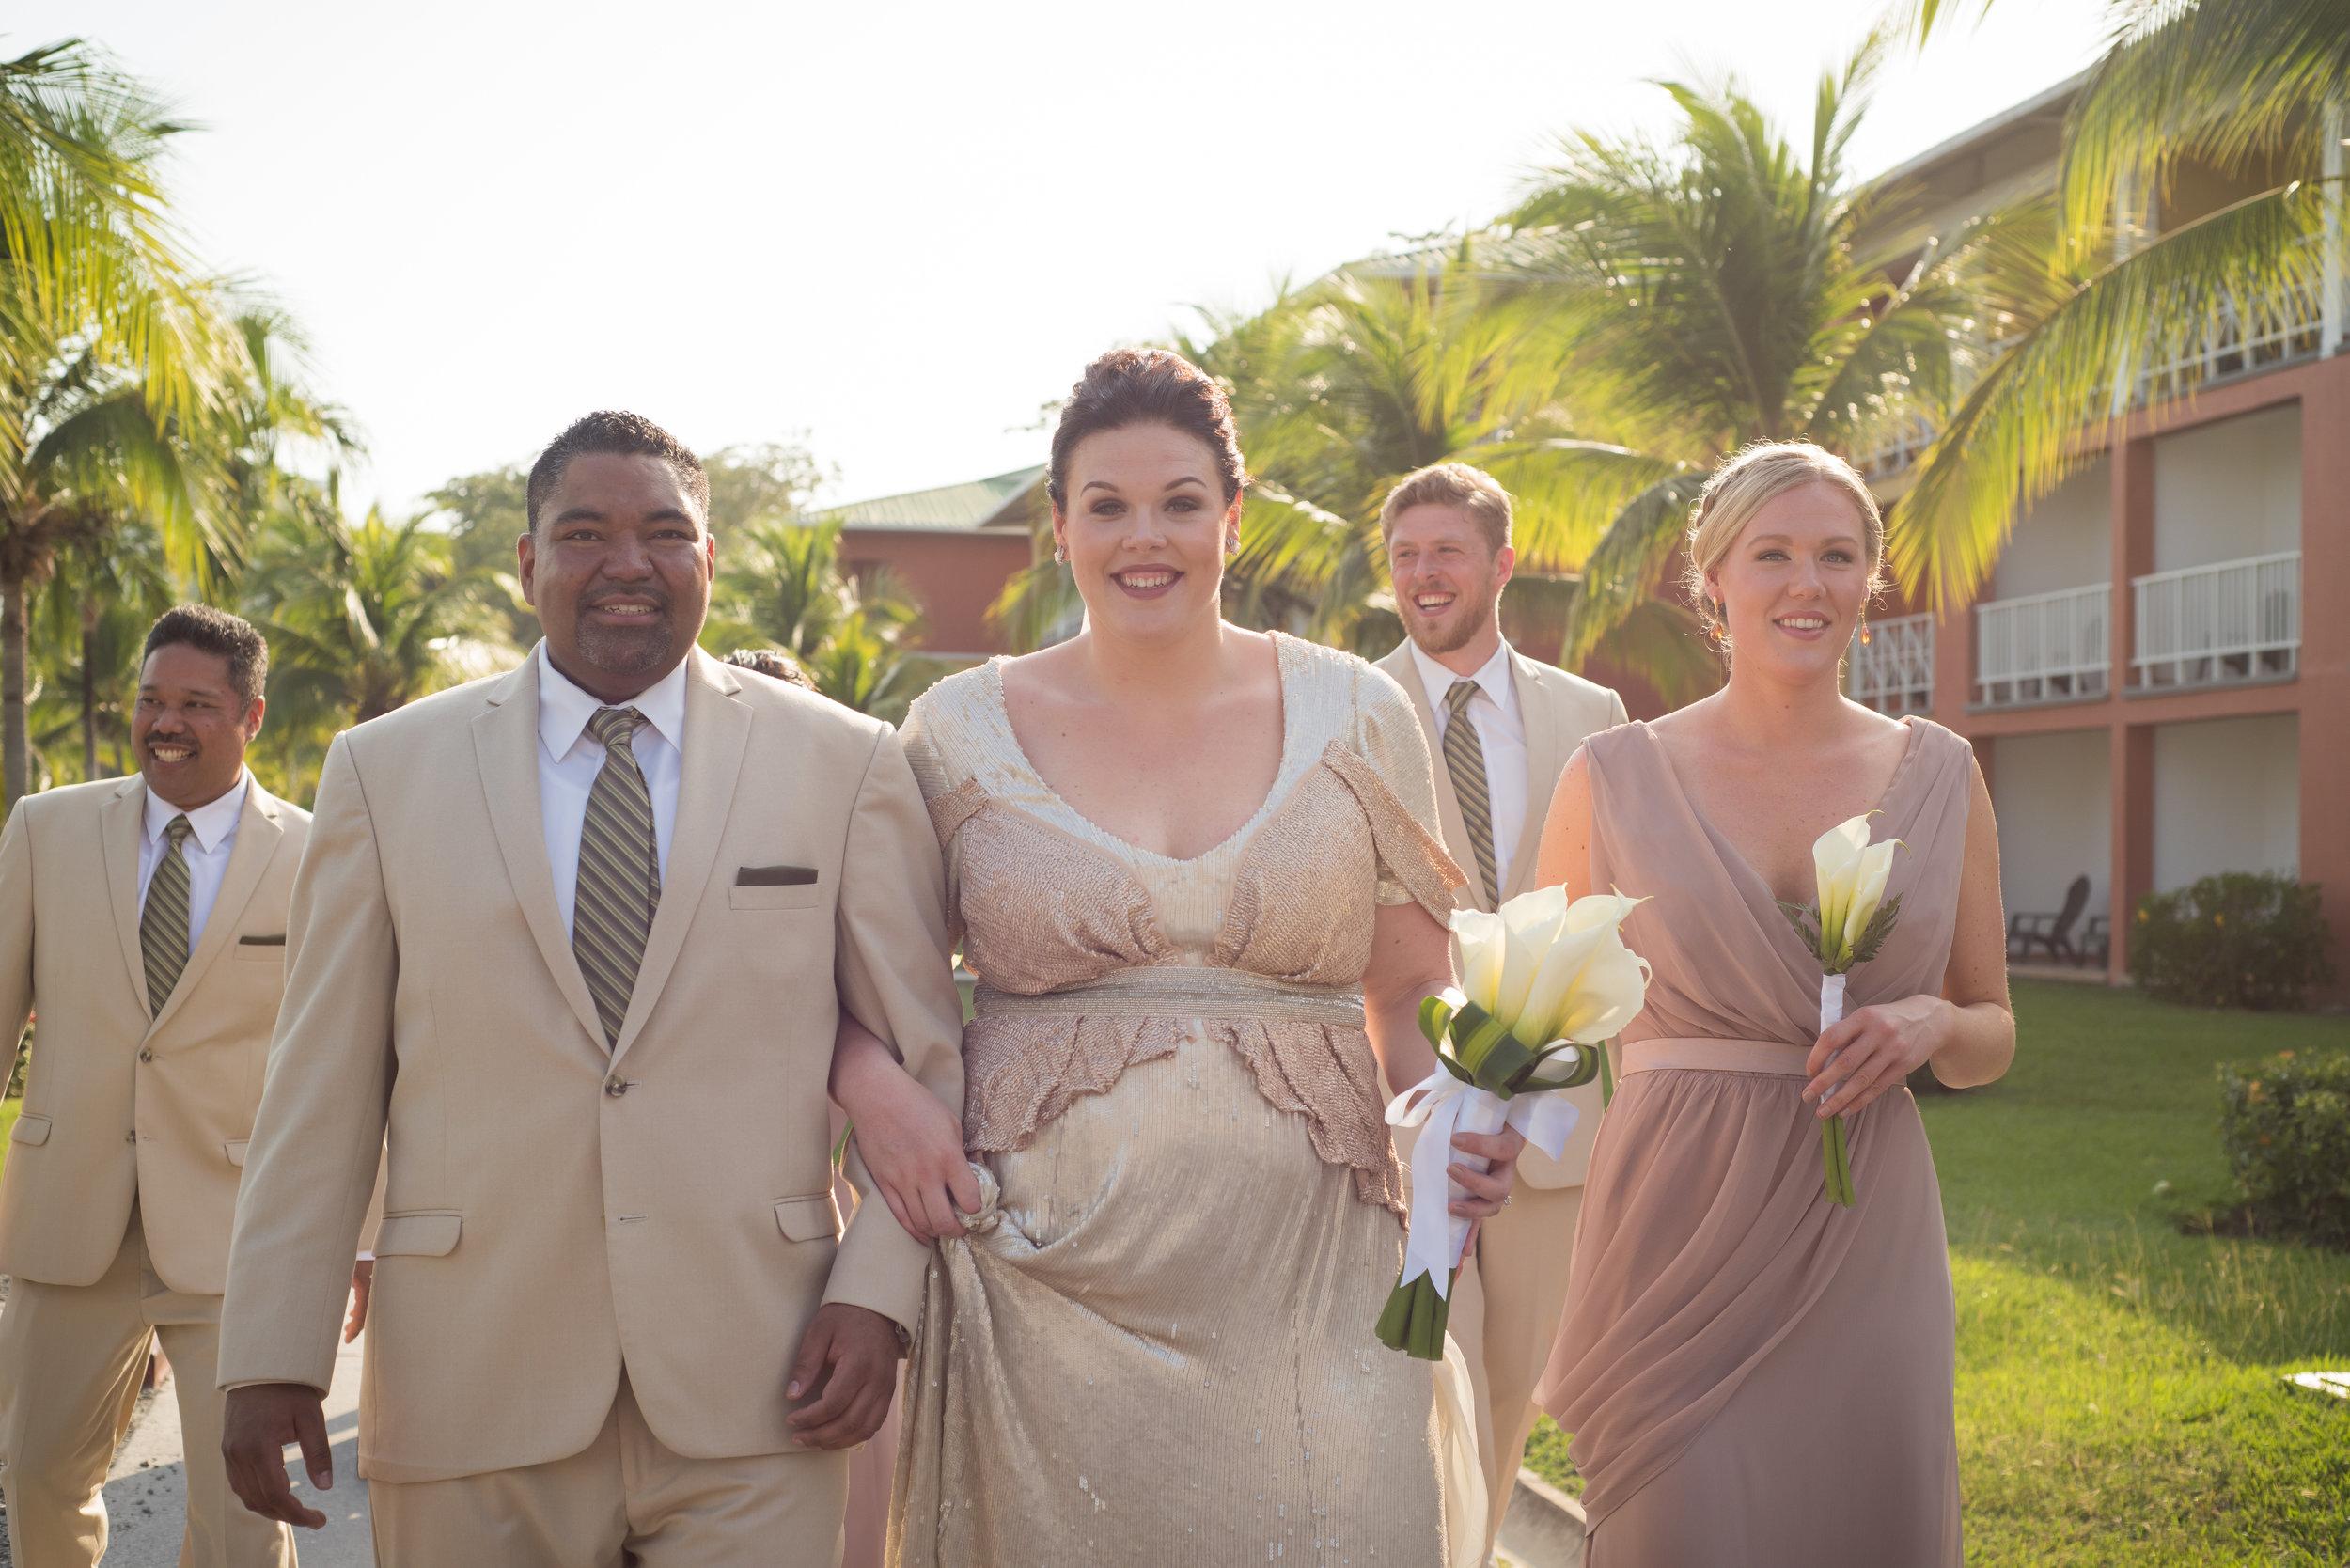 Carol Hannah Bridal Custom Weddign Gown 6.jpg